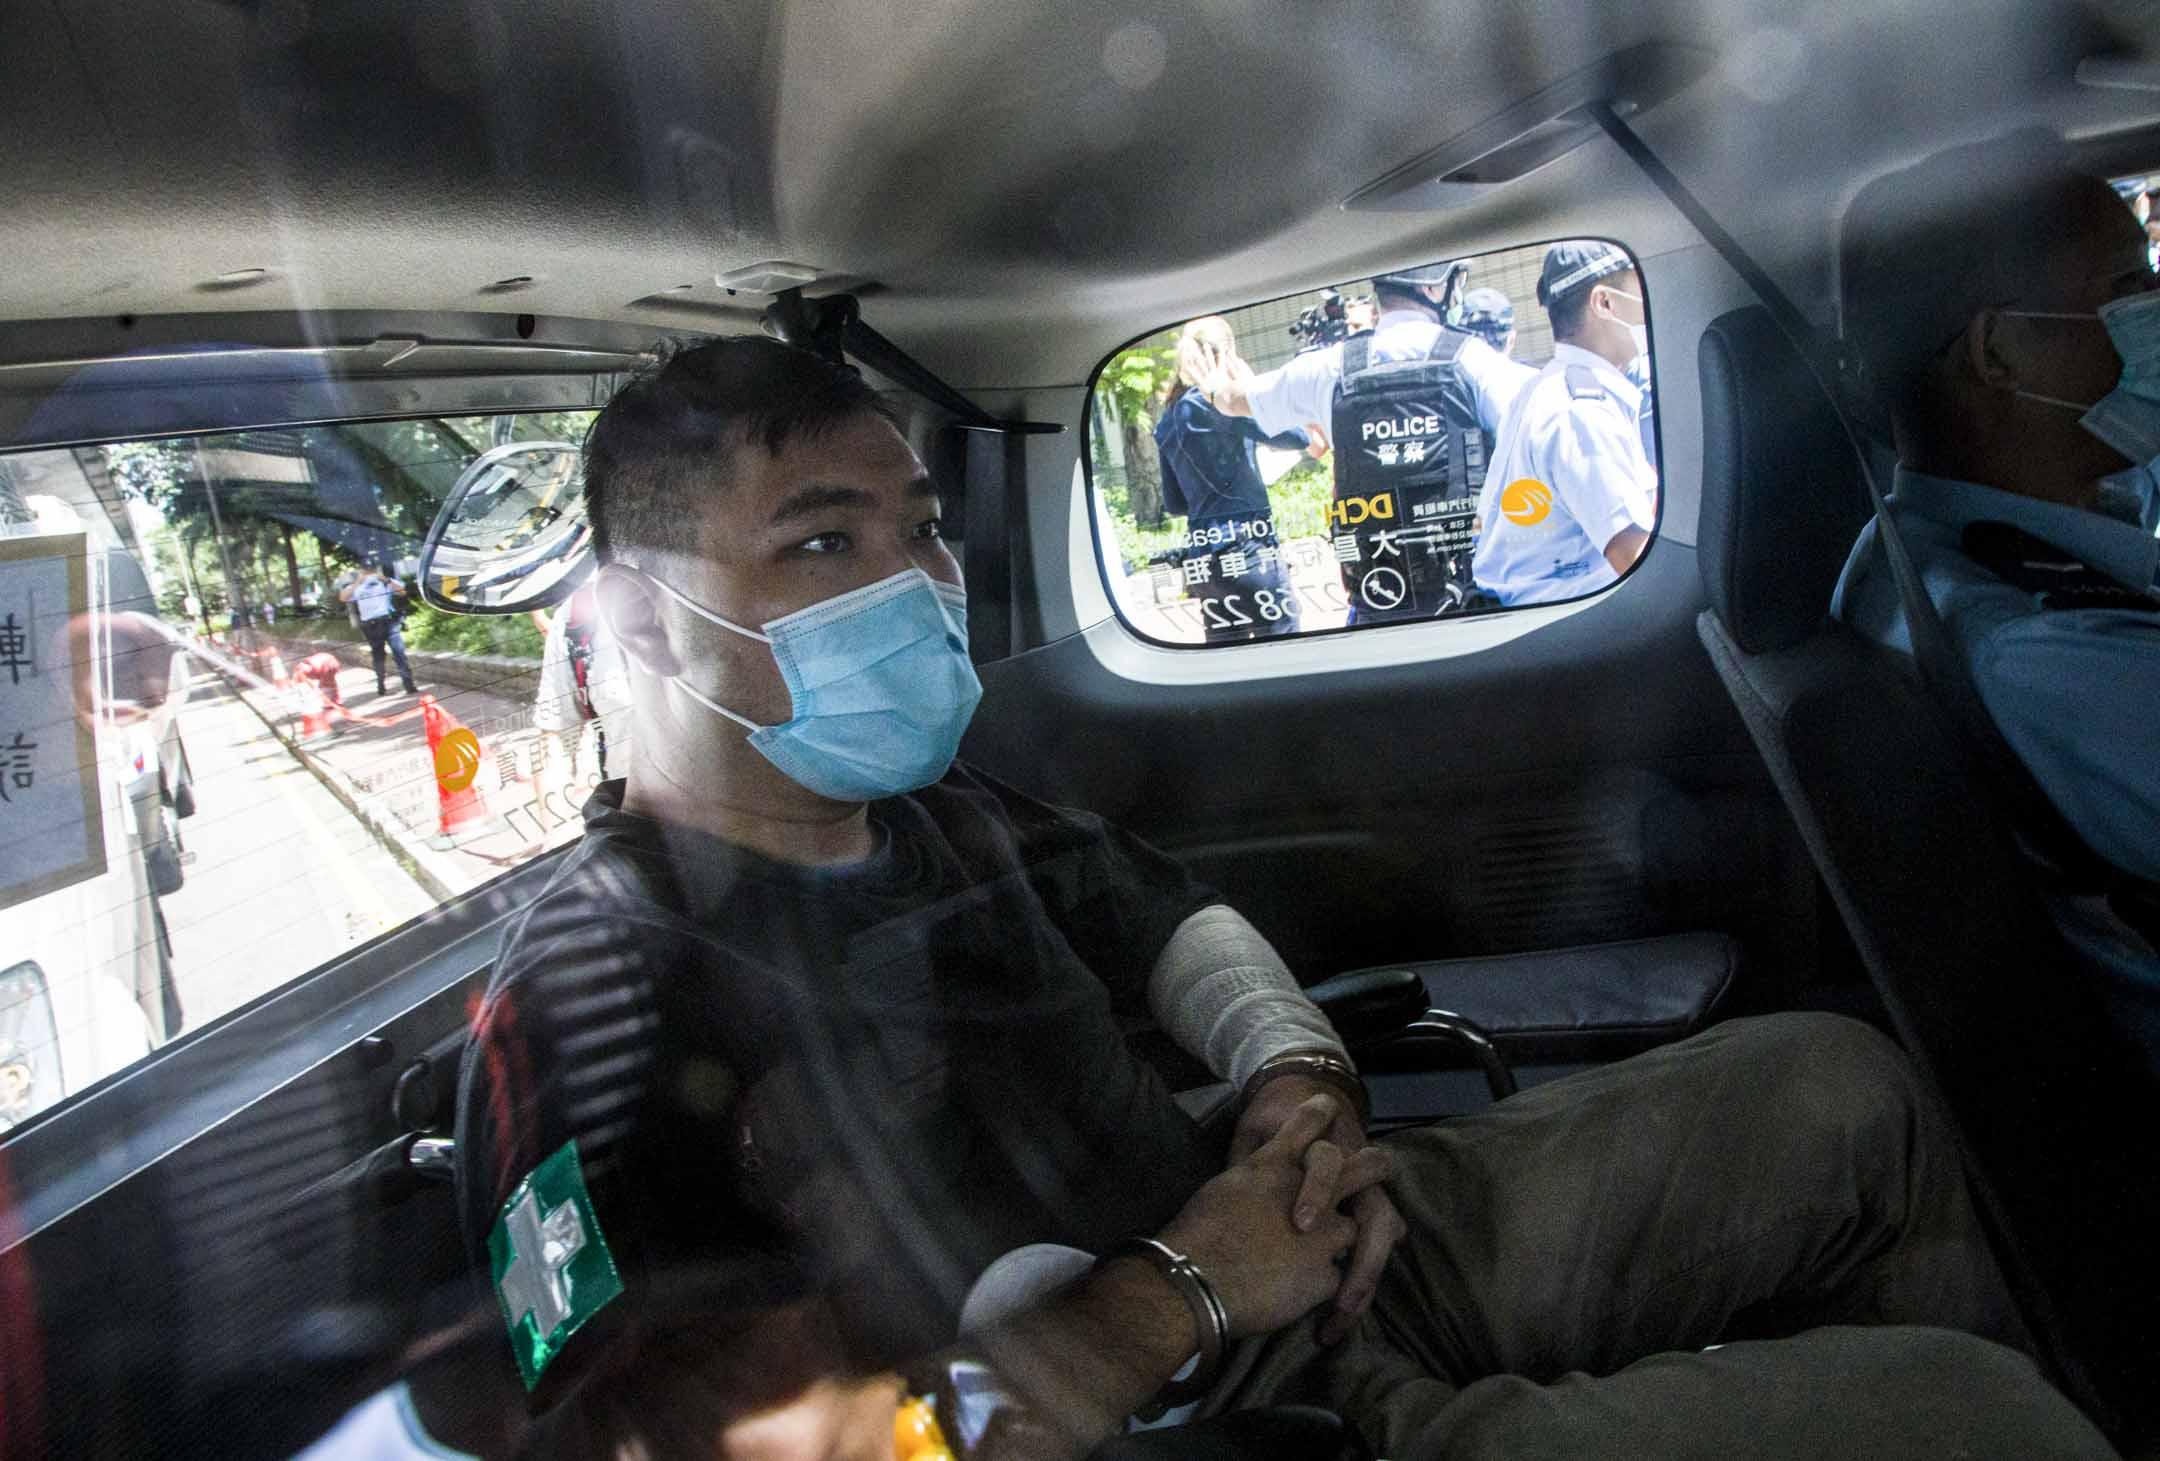 2020年7月6日,唐英傑被控駕駛插上「光復香港 時代革命」旗幟的電單車撞向警察,被指違反《國安法》下「煽動他人分裂國家罪」和「恐怖活動罪」等,由警車押送至法院提堂。 圖:Getty Images